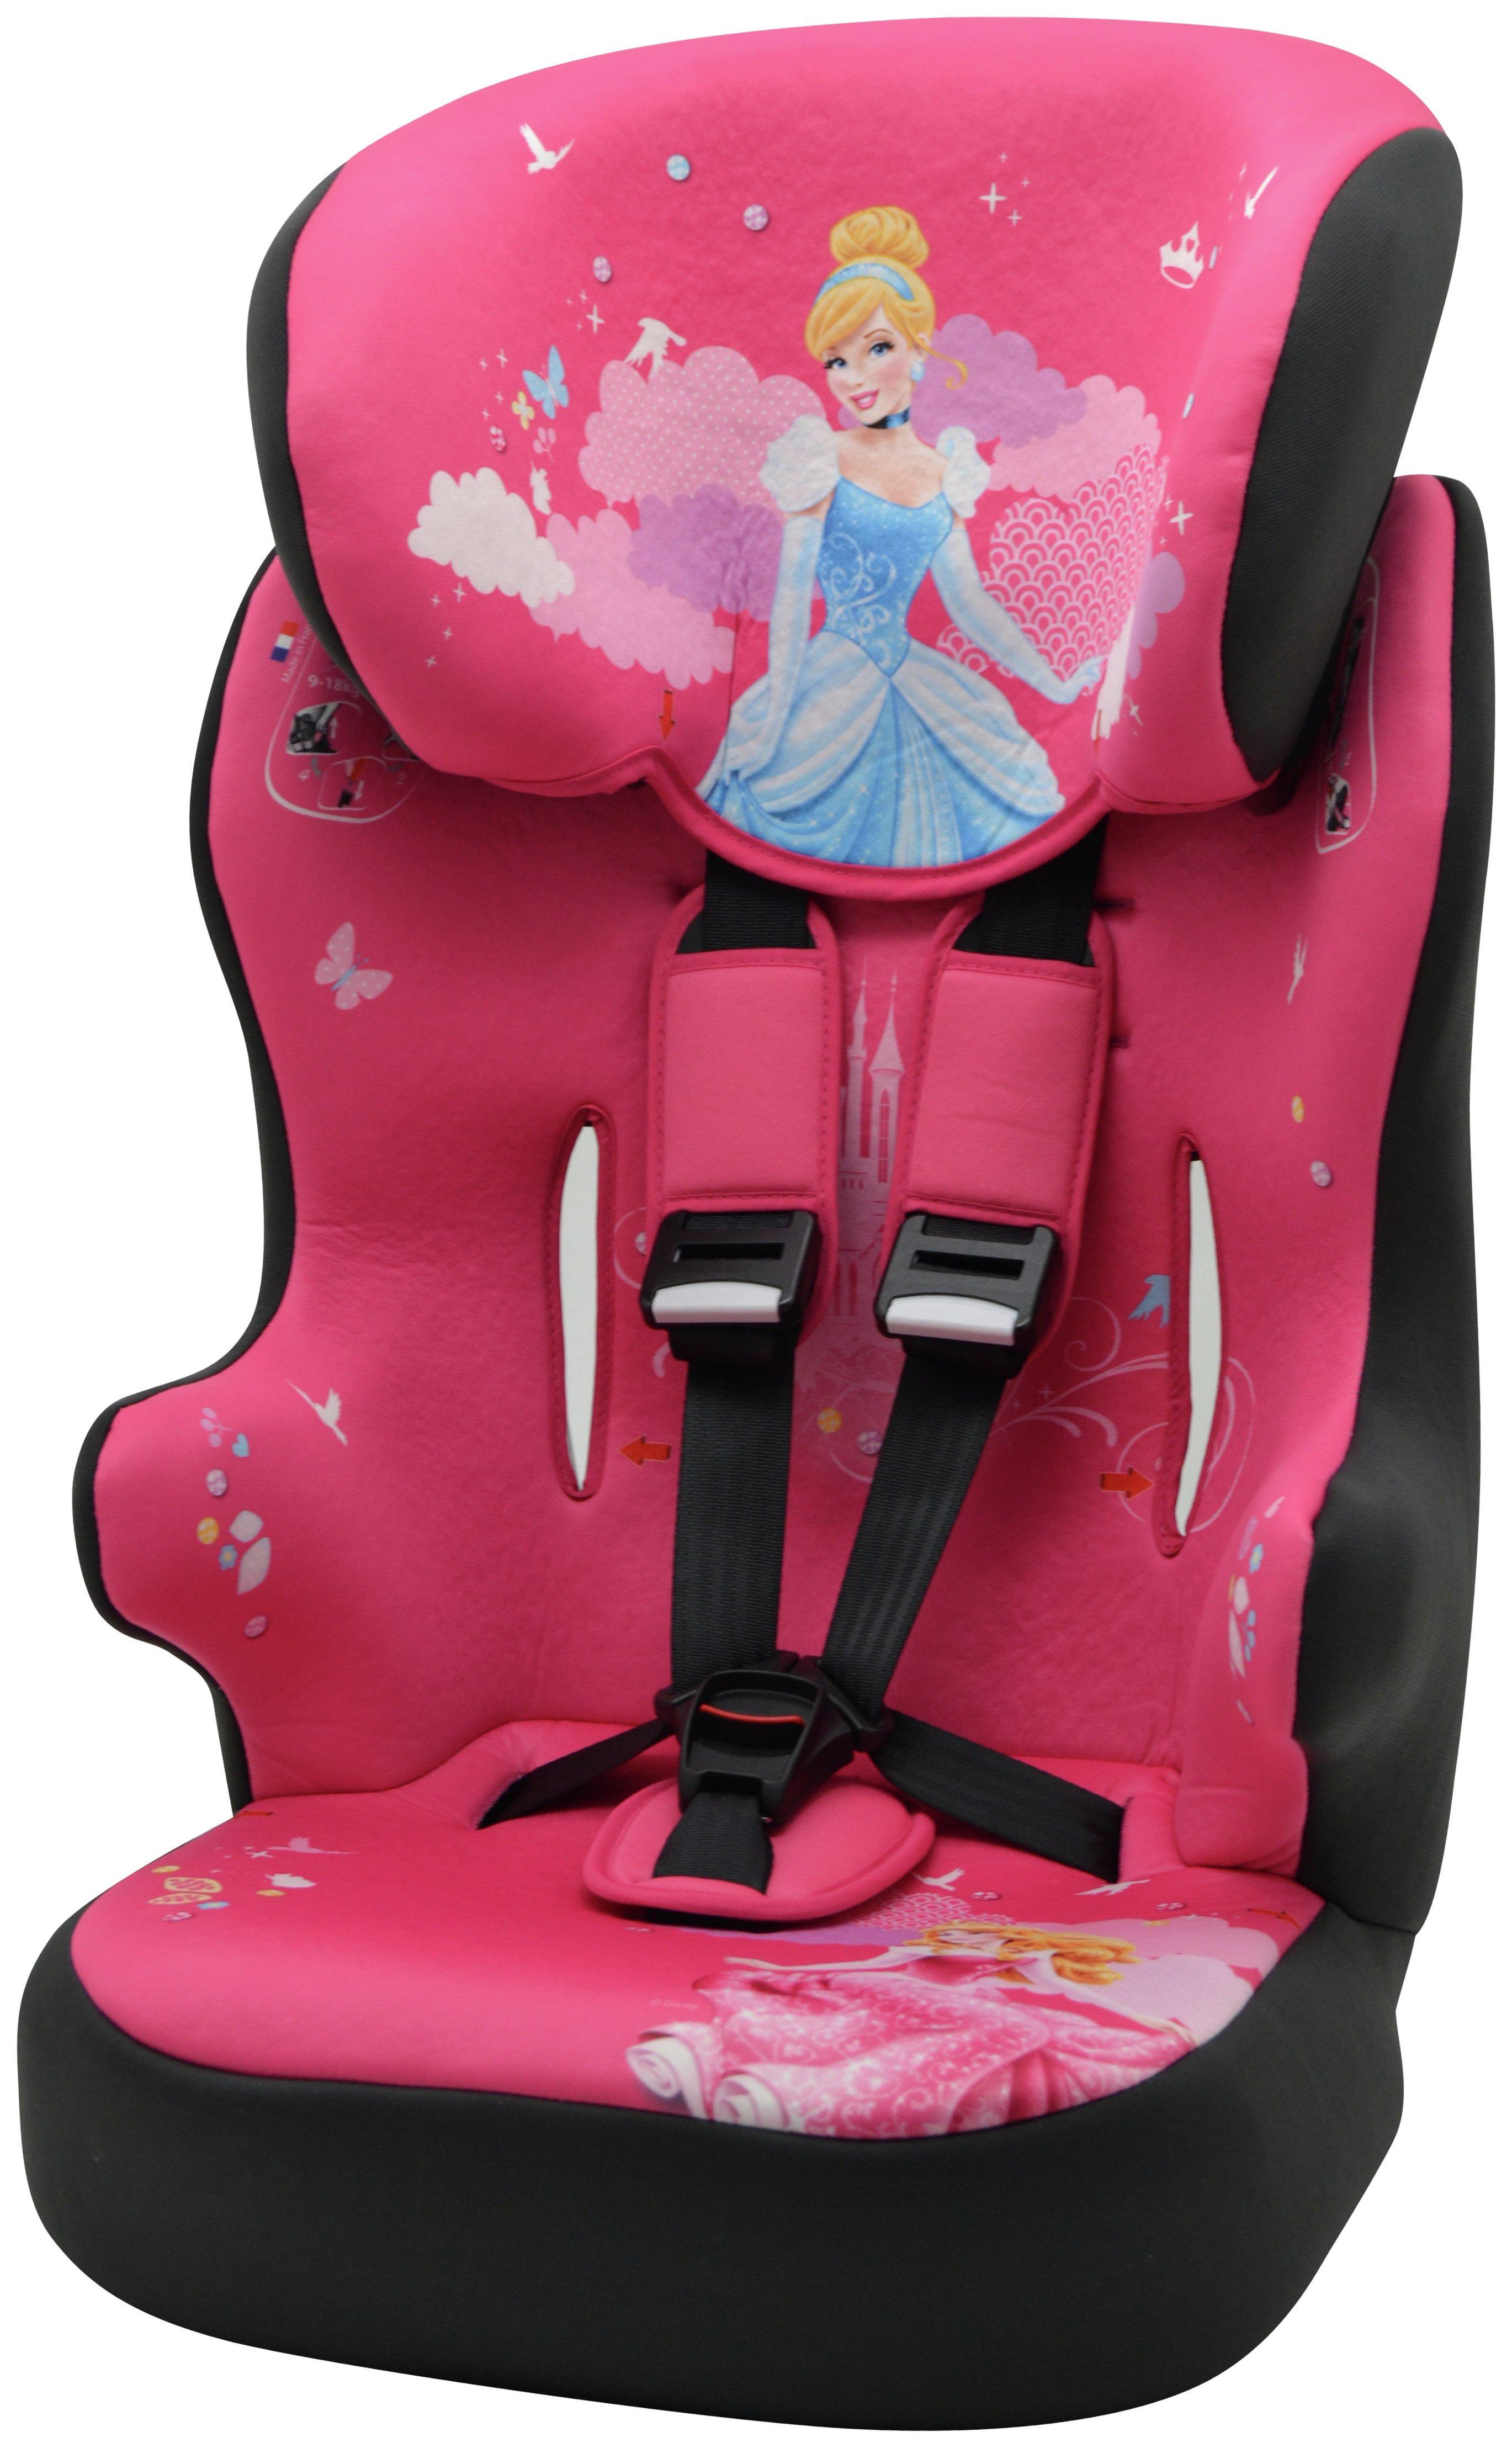 TT Disney Princess Racer Car Seat Groups 1-2-3.